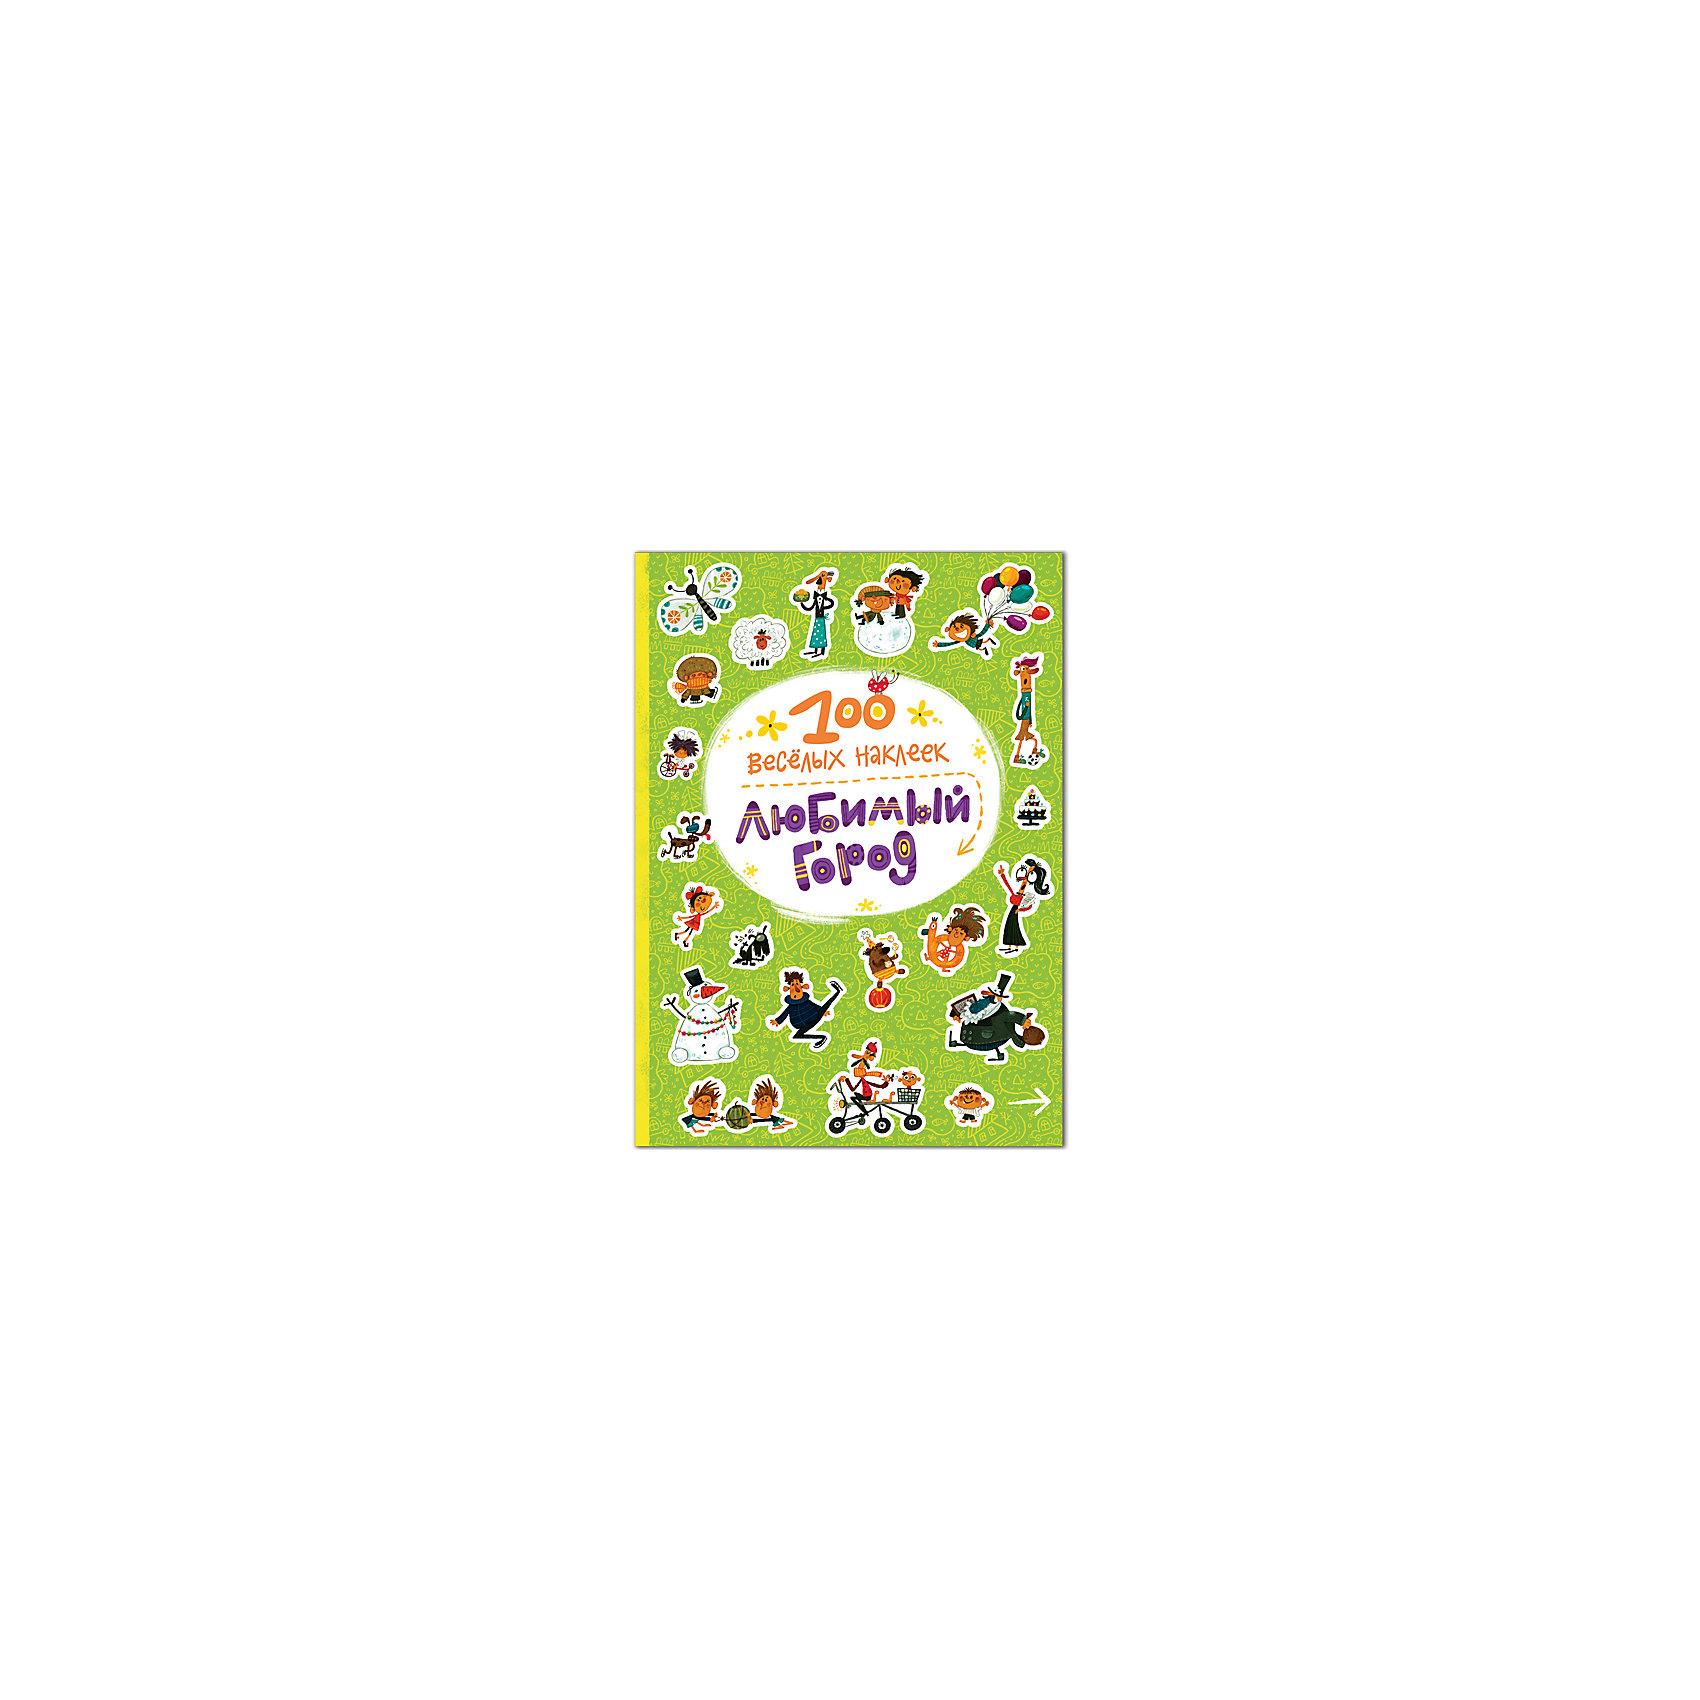 Книга «Любимый город» из серии «100 веселых наклеек», Мозаика-СинтезКнижки с наклейками<br>Книга «Любимый город» из серии «100 веселых наклеек», Мозаика-Синтез<br><br>Характеристики:<br><br>• Издательство: МОЗАИКА-СИНТЕЗ<br>• ISBN : 978-5-43150-965-0<br>• Тип: книга с многоразовыми наклейками.<br>• Раздел знаний: ознакомление с окружающим миром.<br>• Возраст: 5-7лет.<br>• Размер книги: 325х235 мм.<br>• Количество страниц: 16.<br><br>Замечательная красочная книга «Любимый город» из серии «100 веселых наклеек» познакомит Вашего ребенка с большим оживленным городом.<br>На страницах книги, изображающих городскую площадь, стадион, каток, музей, детскую площадку, парк и др., нужно расположить 100 веселых многоразовых наклеек – посетителей музея и картины, обитателей зоопарка, играющих в парке малышей, спортсменов и др. <br><br>Забавные стихи расскажут маленькому читателю о любимом городе, а яркие многоразовые наклейки превратят процесс обучения в веселую игру. Занятия с наклейками способствуют расширению кругозора, развитию мелкой моторики, координации движений, фантазии и воображения.<br><br>Книгу «Любимый город» из серии «100 веселых наклеек», Мозаика-Синтез, можно купить в нашем интернет – магазине<br><br>Ширина мм: 2<br>Глубина мм: 235<br>Высота мм: 325<br>Вес г: 174<br>Возраст от месяцев: 60<br>Возраст до месяцев: 84<br>Пол: Унисекс<br>Возраст: Детский<br>SKU: 5428892